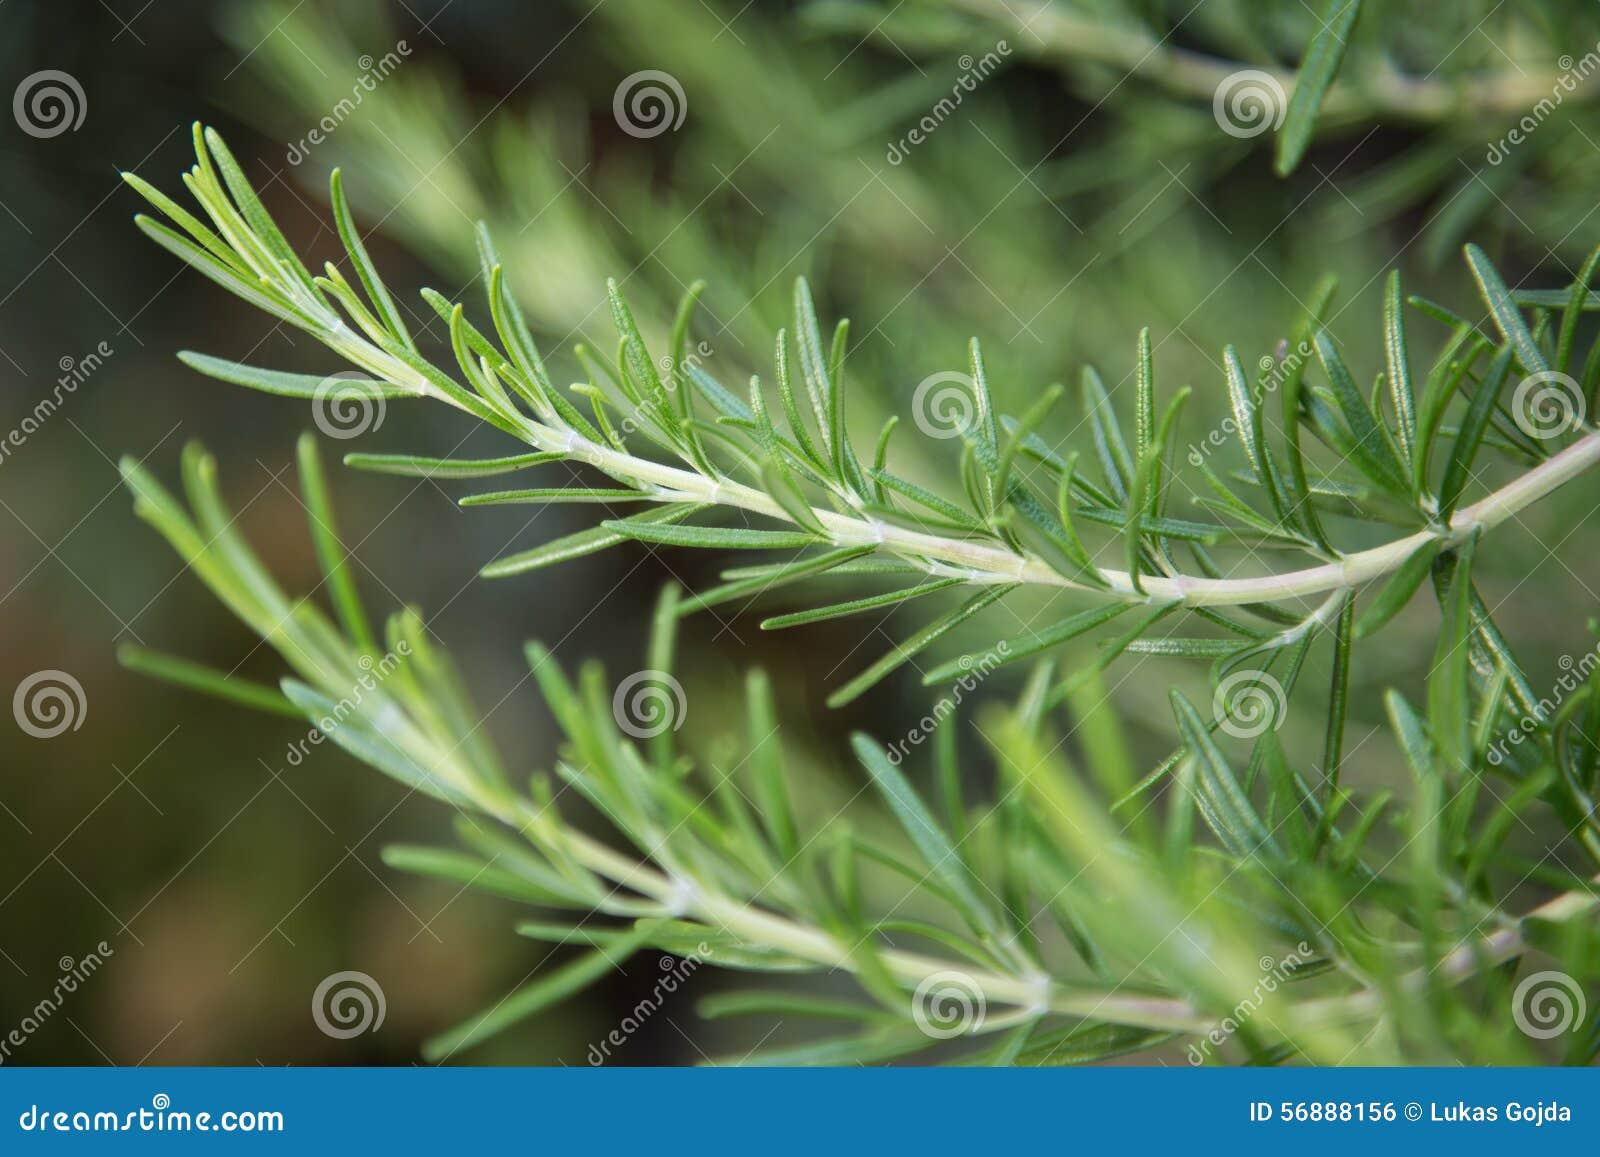 Frisches Rosemary-Kraut